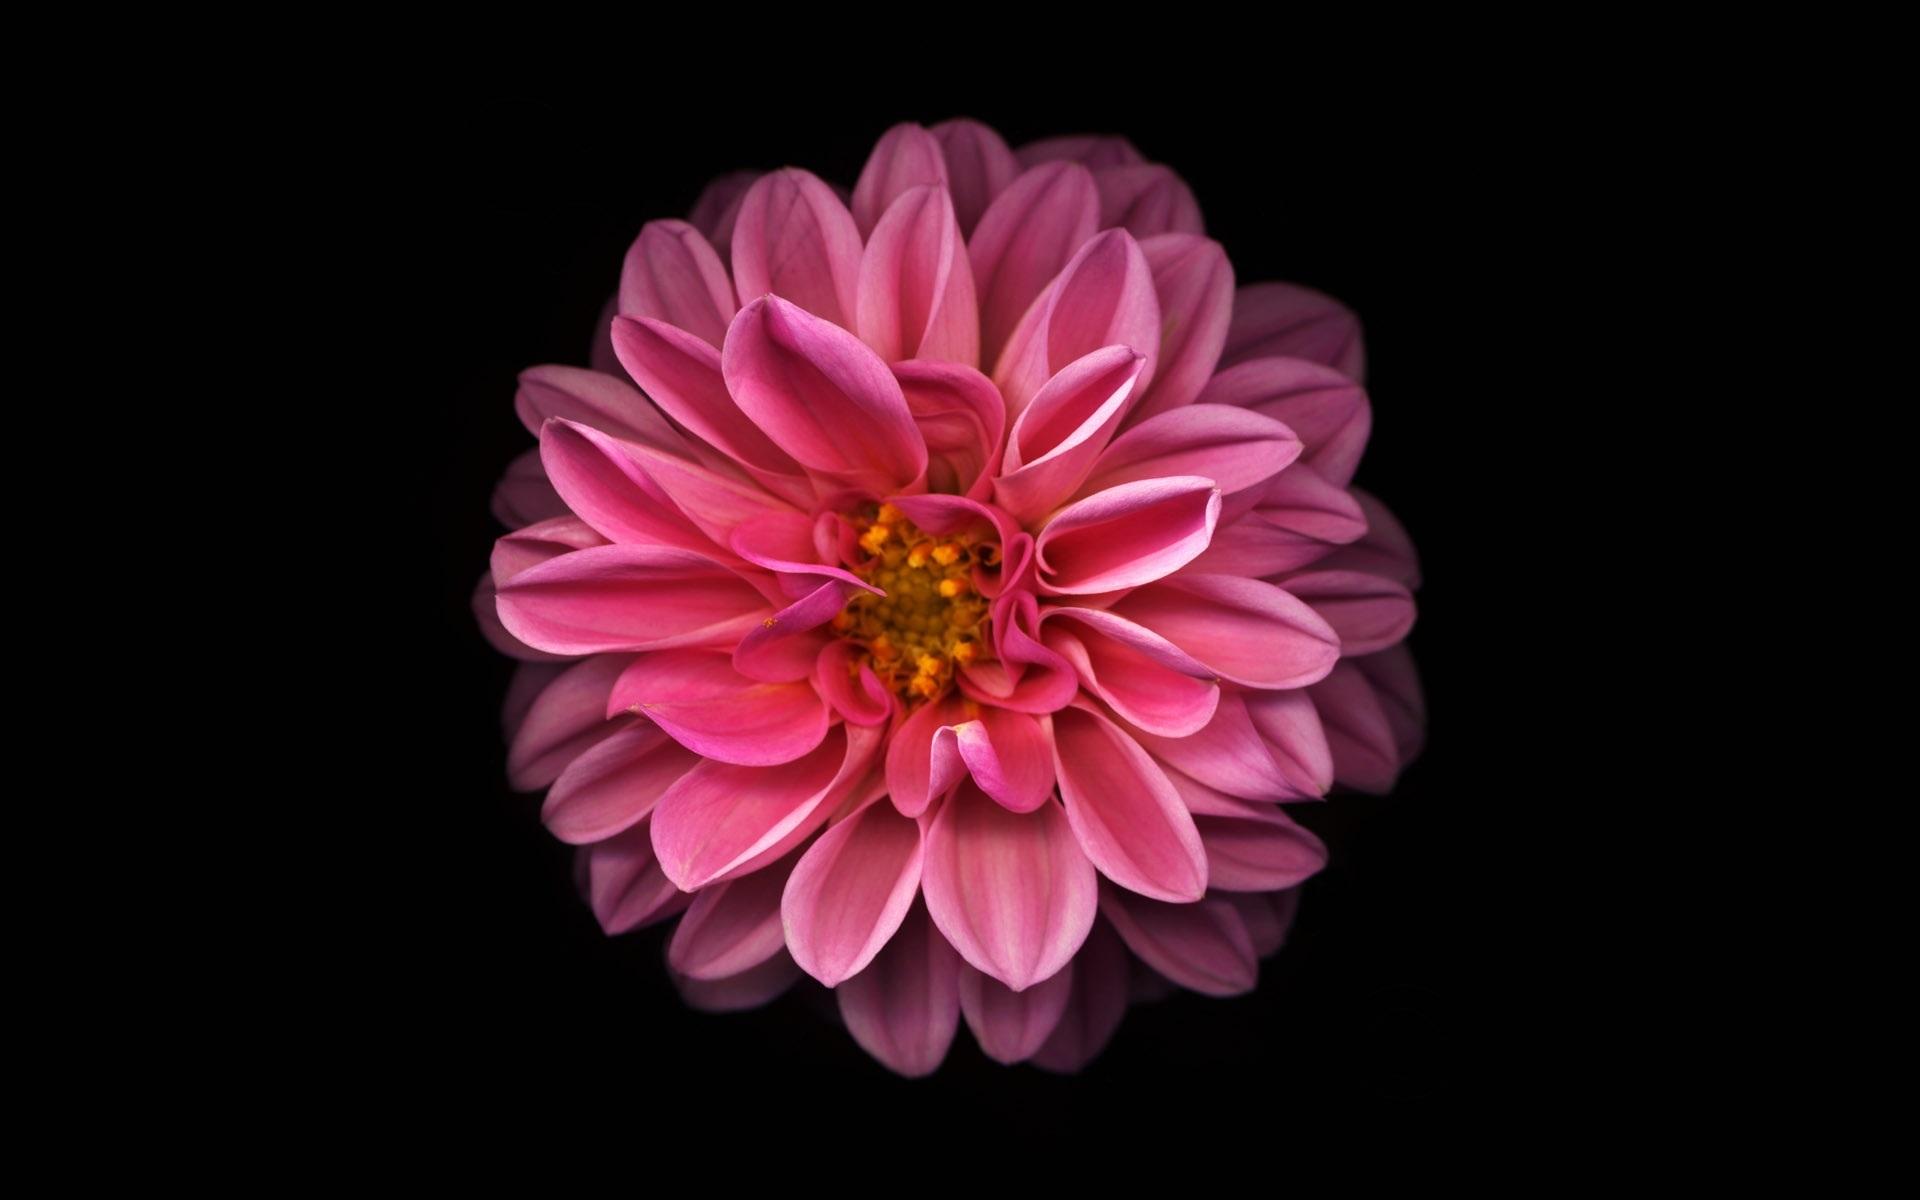 Праздником односельчане, картинки цветы на фон айфона